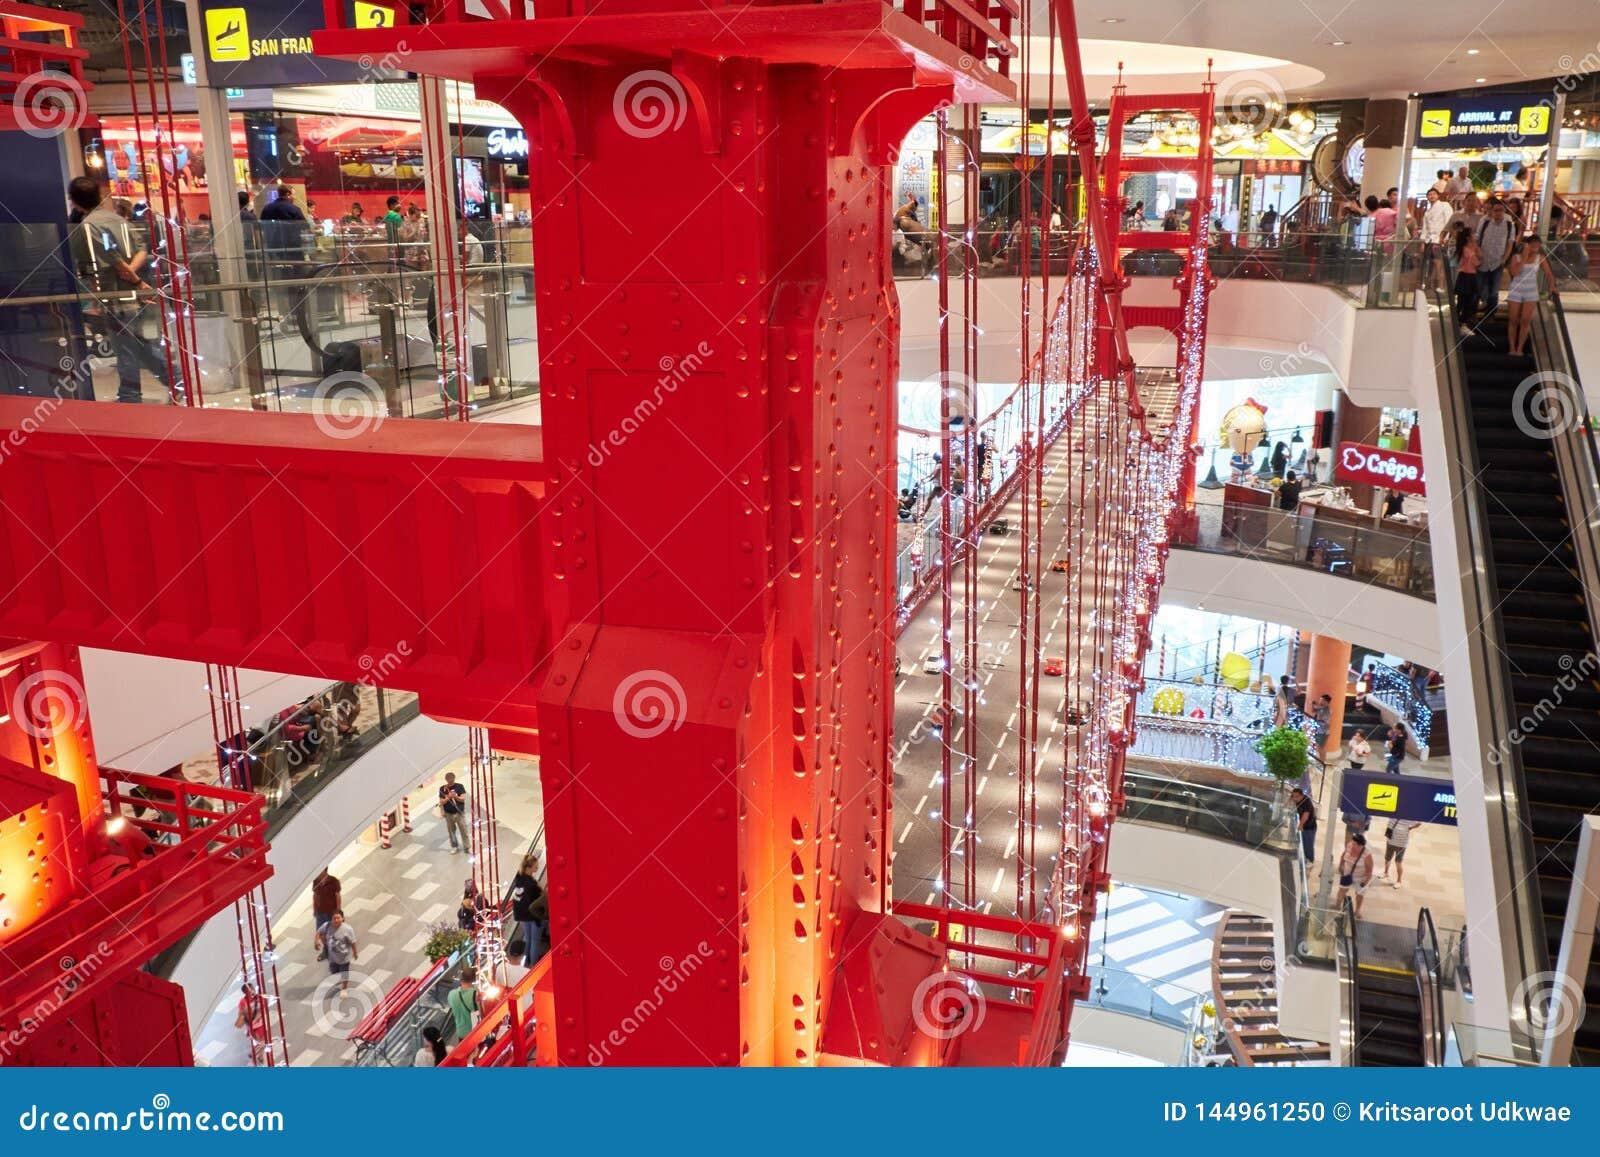 Ένα μικρότερο αντίγραφο της χρυσής γέφυρας πυλών σε τελικά 21 Pattaya